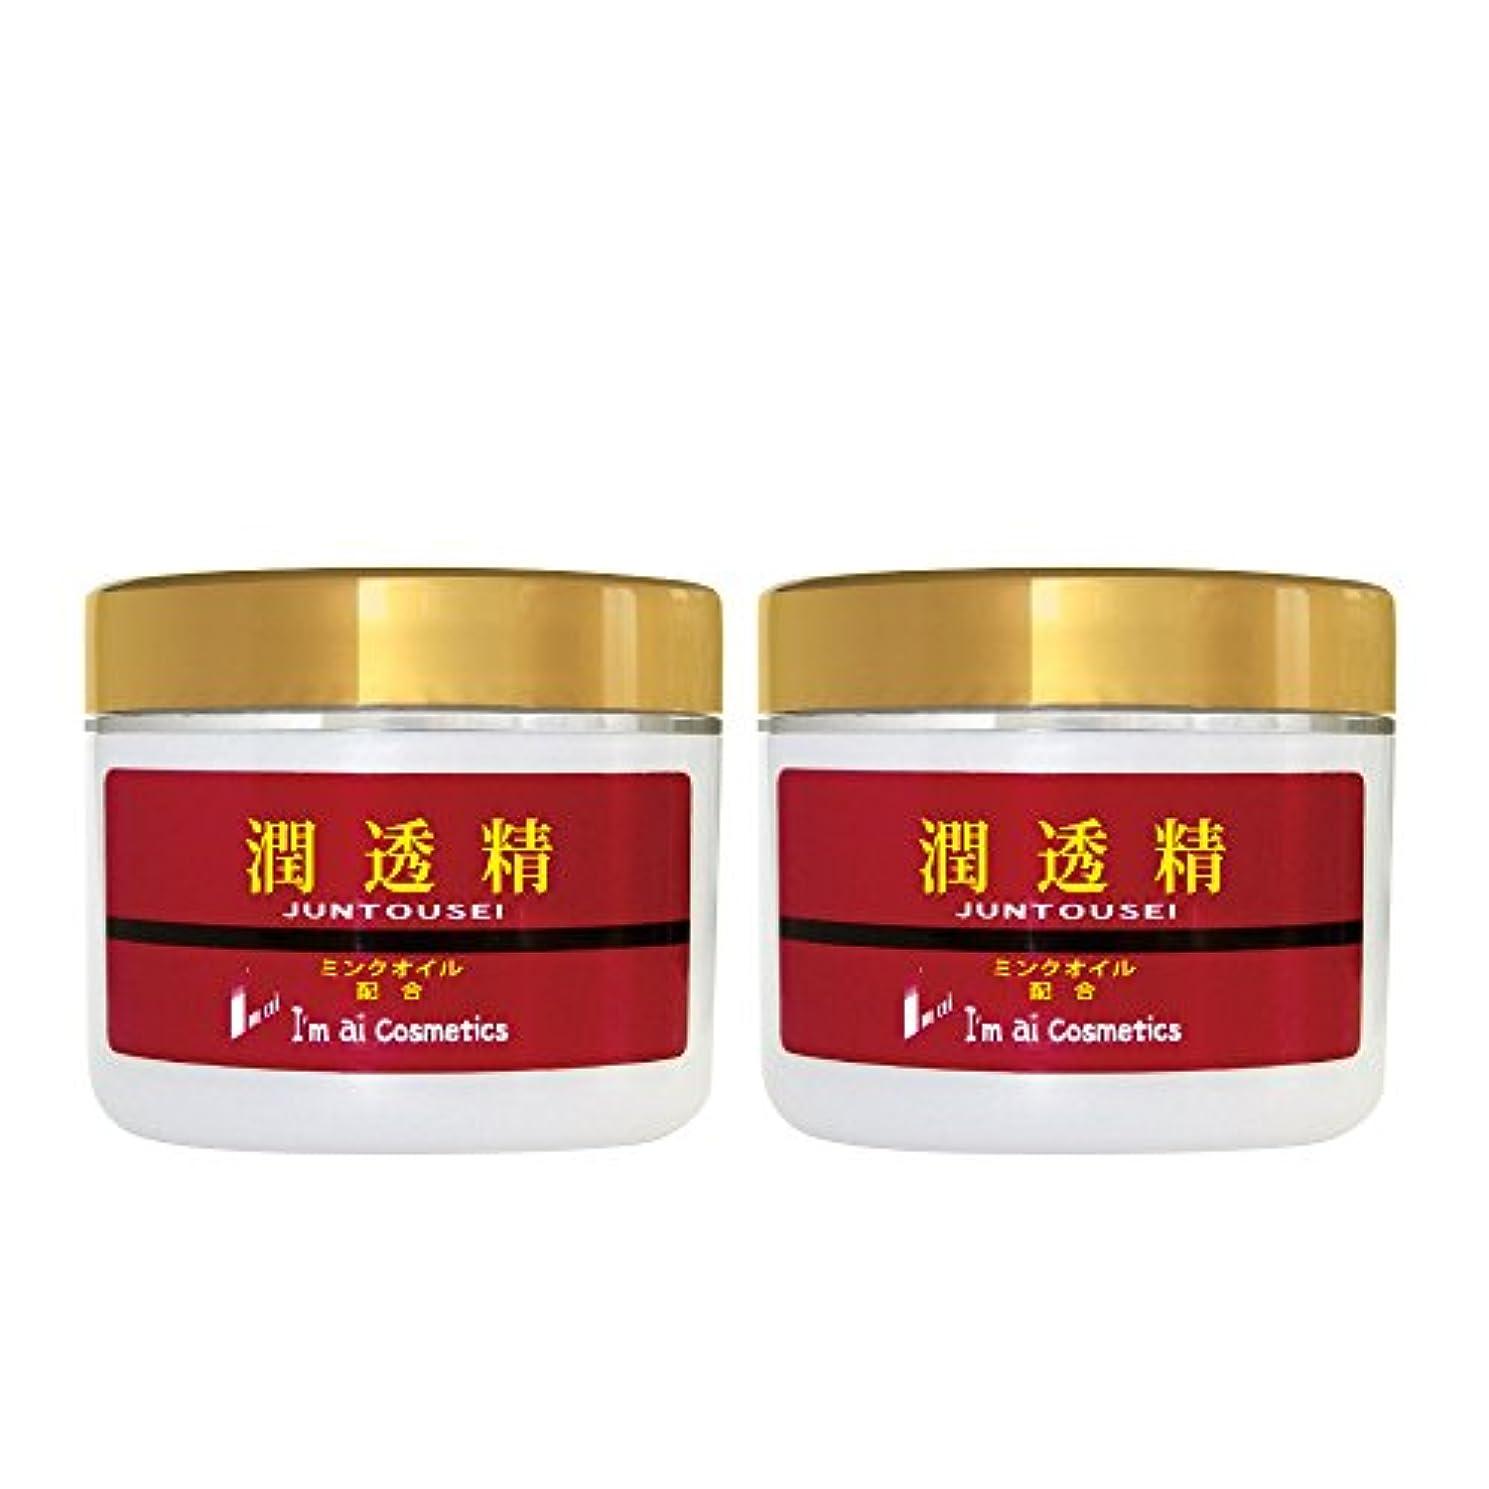 小石民族主義ビタミン【送料無料】潤透精クリーム(美容クリーム120g) 2個セット